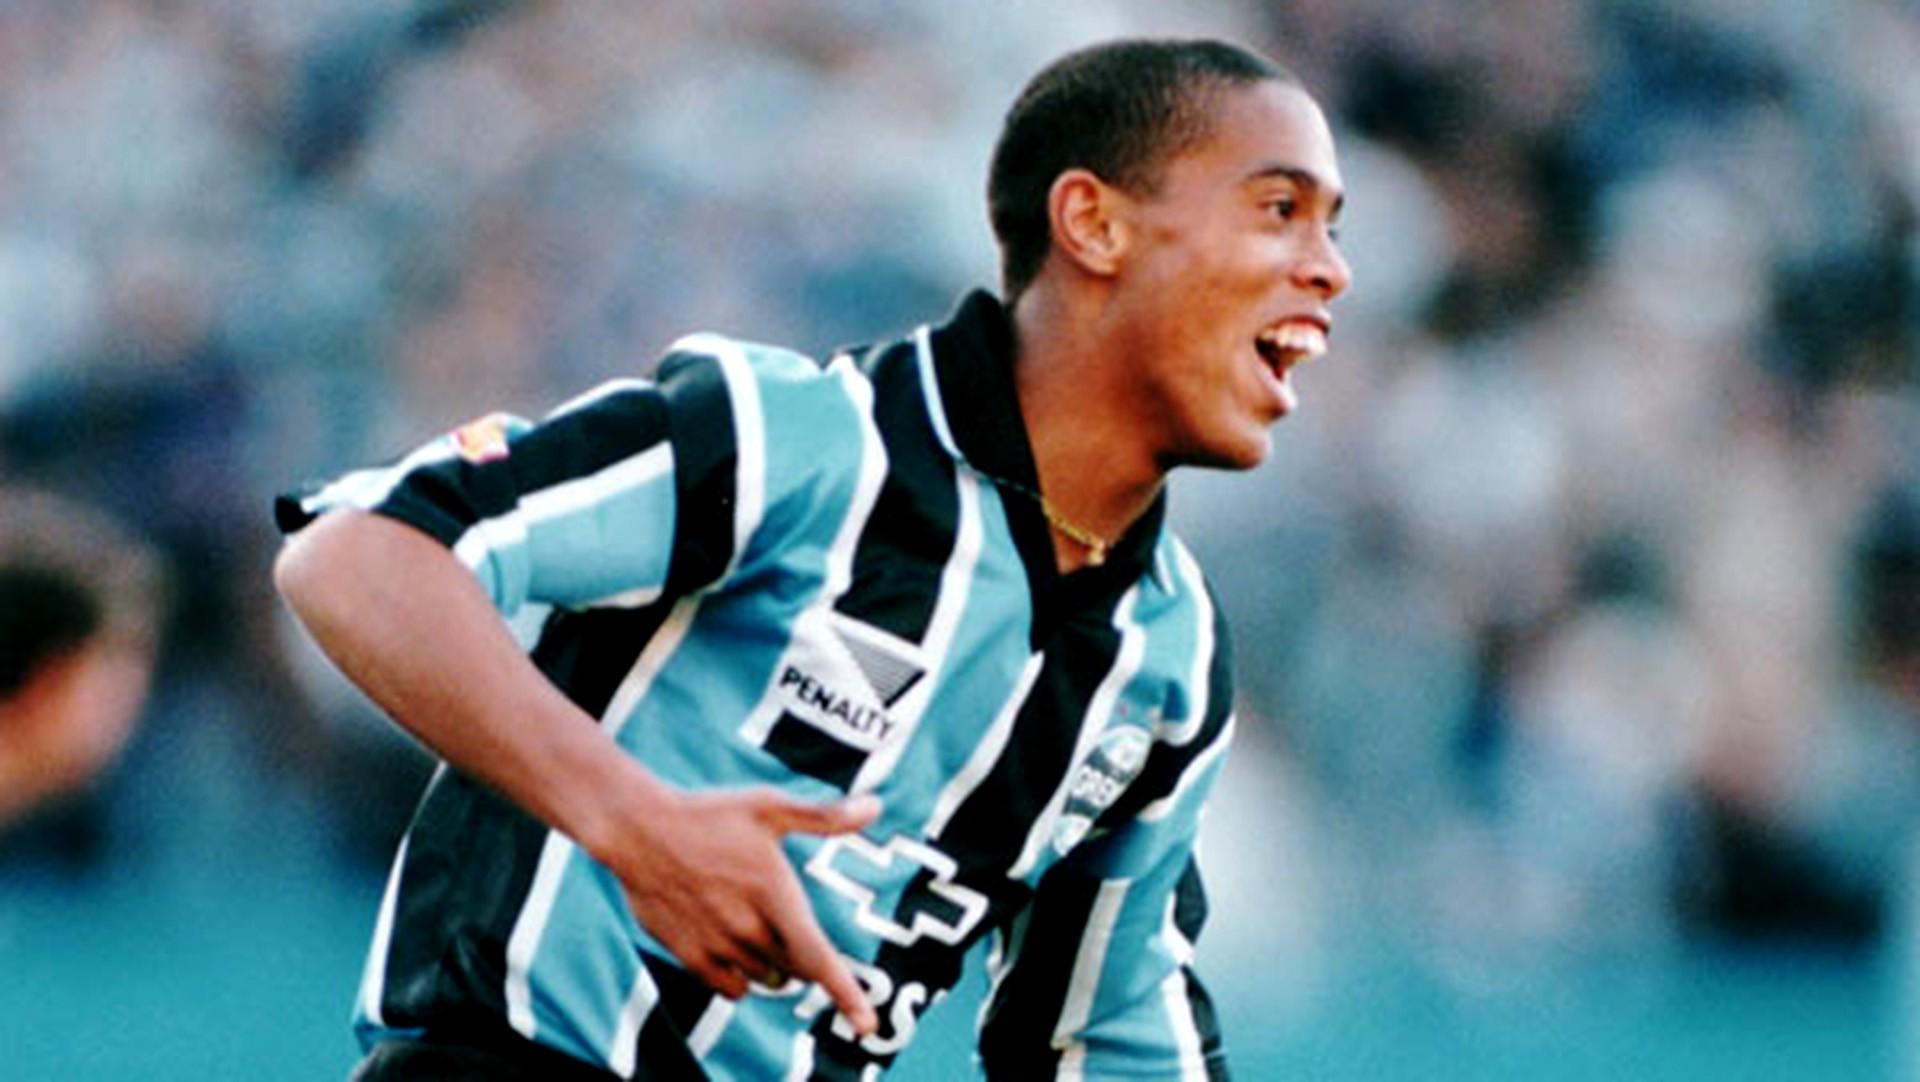 Bóng đá là hành trình thỏa niềm vui: Thế giới từng có một Ronaldinho như thế - Ảnh 7.